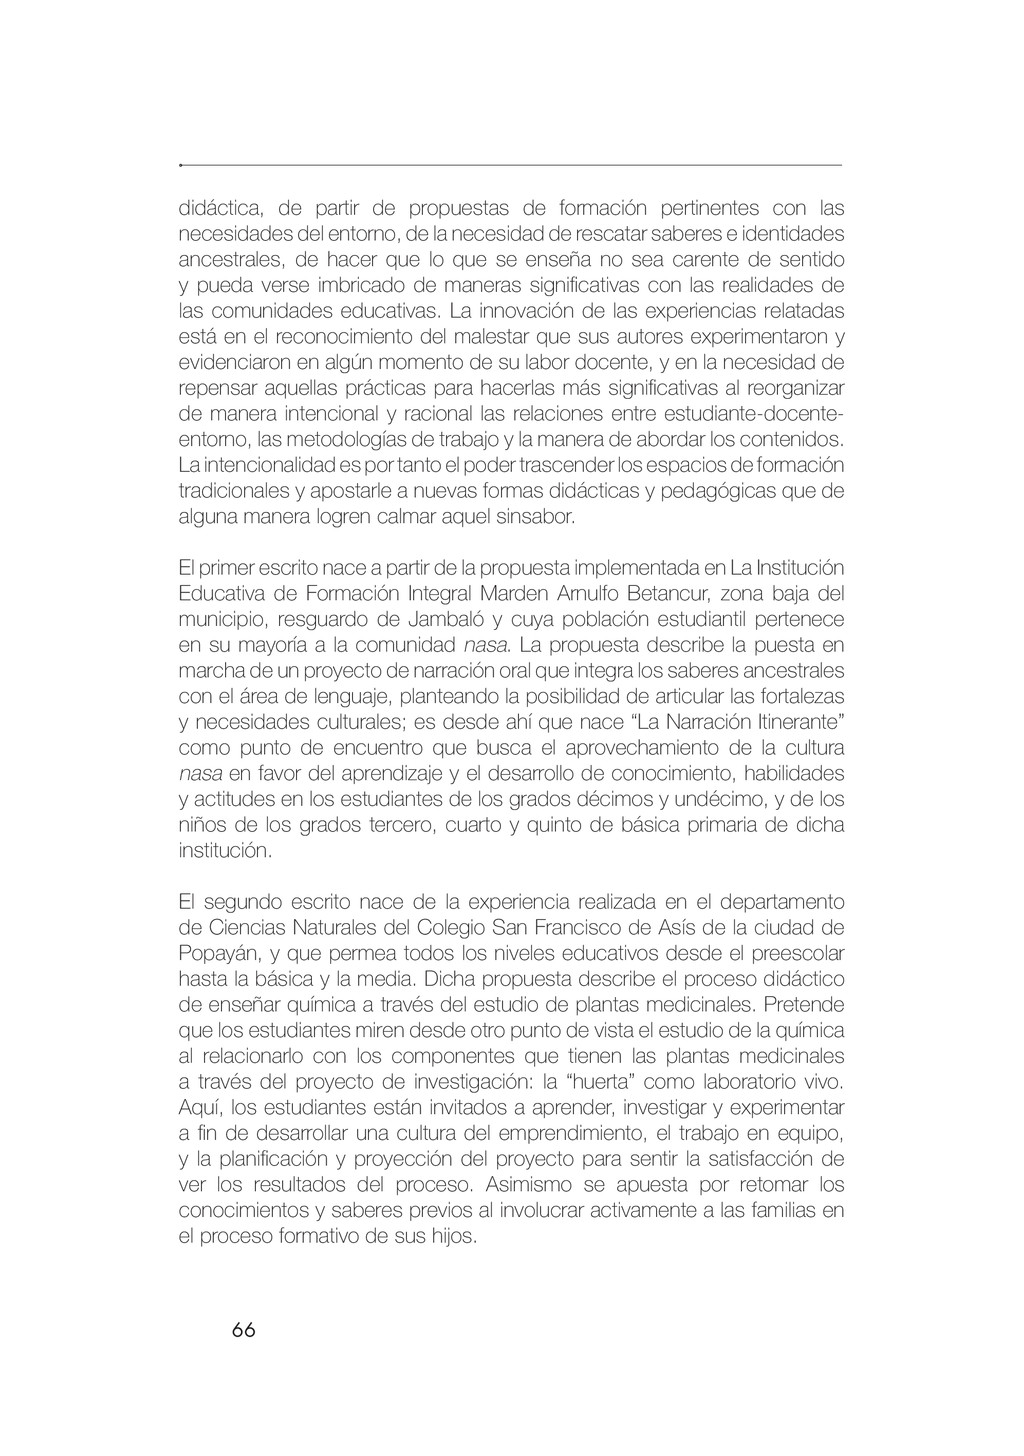 66 didáctica, de partir de propuestas de formac...